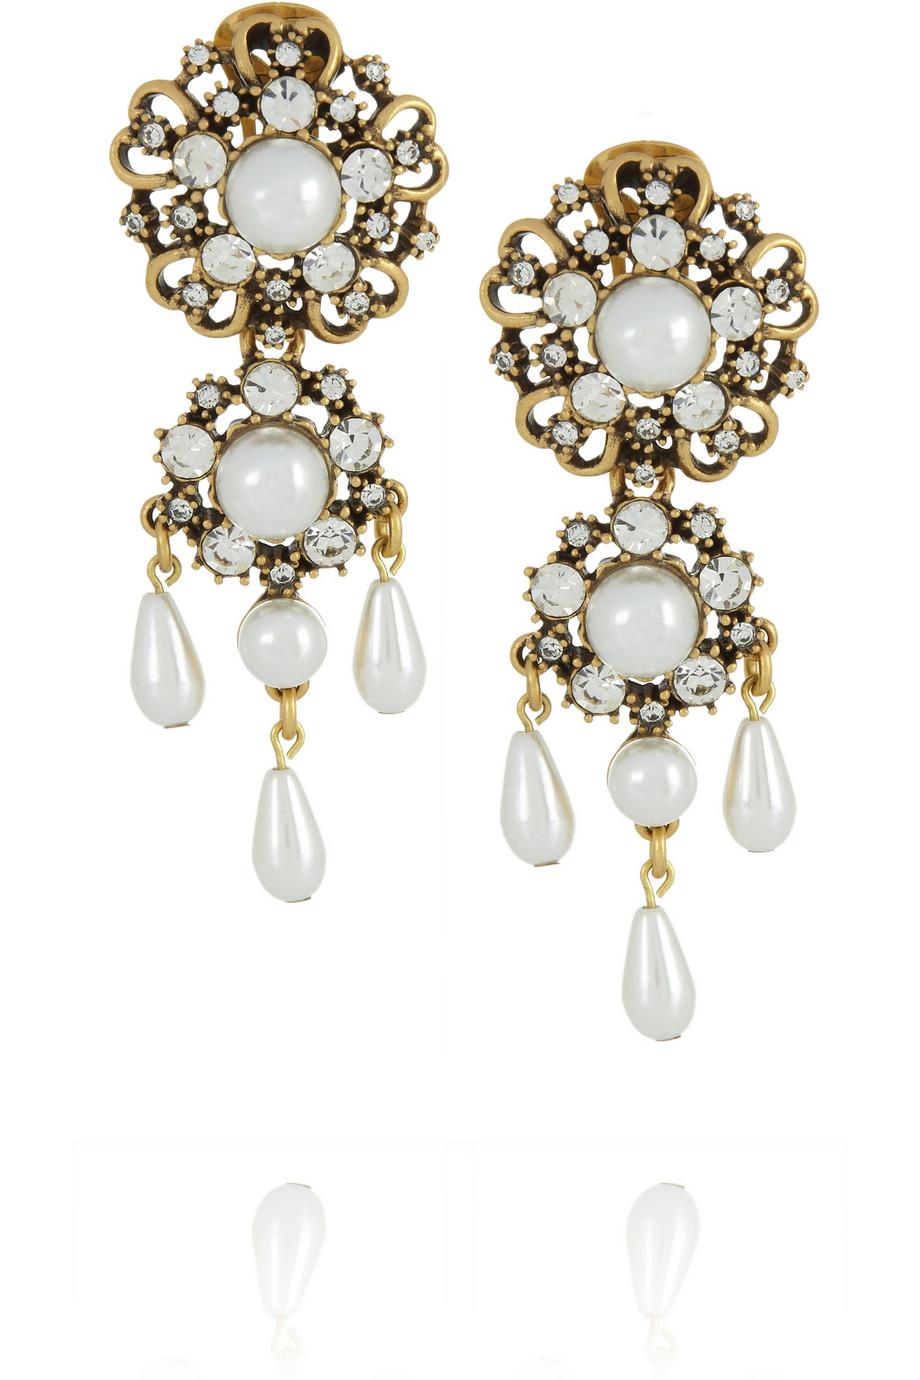 Oscar De La Renta Gold-plated Earrings DIa0c